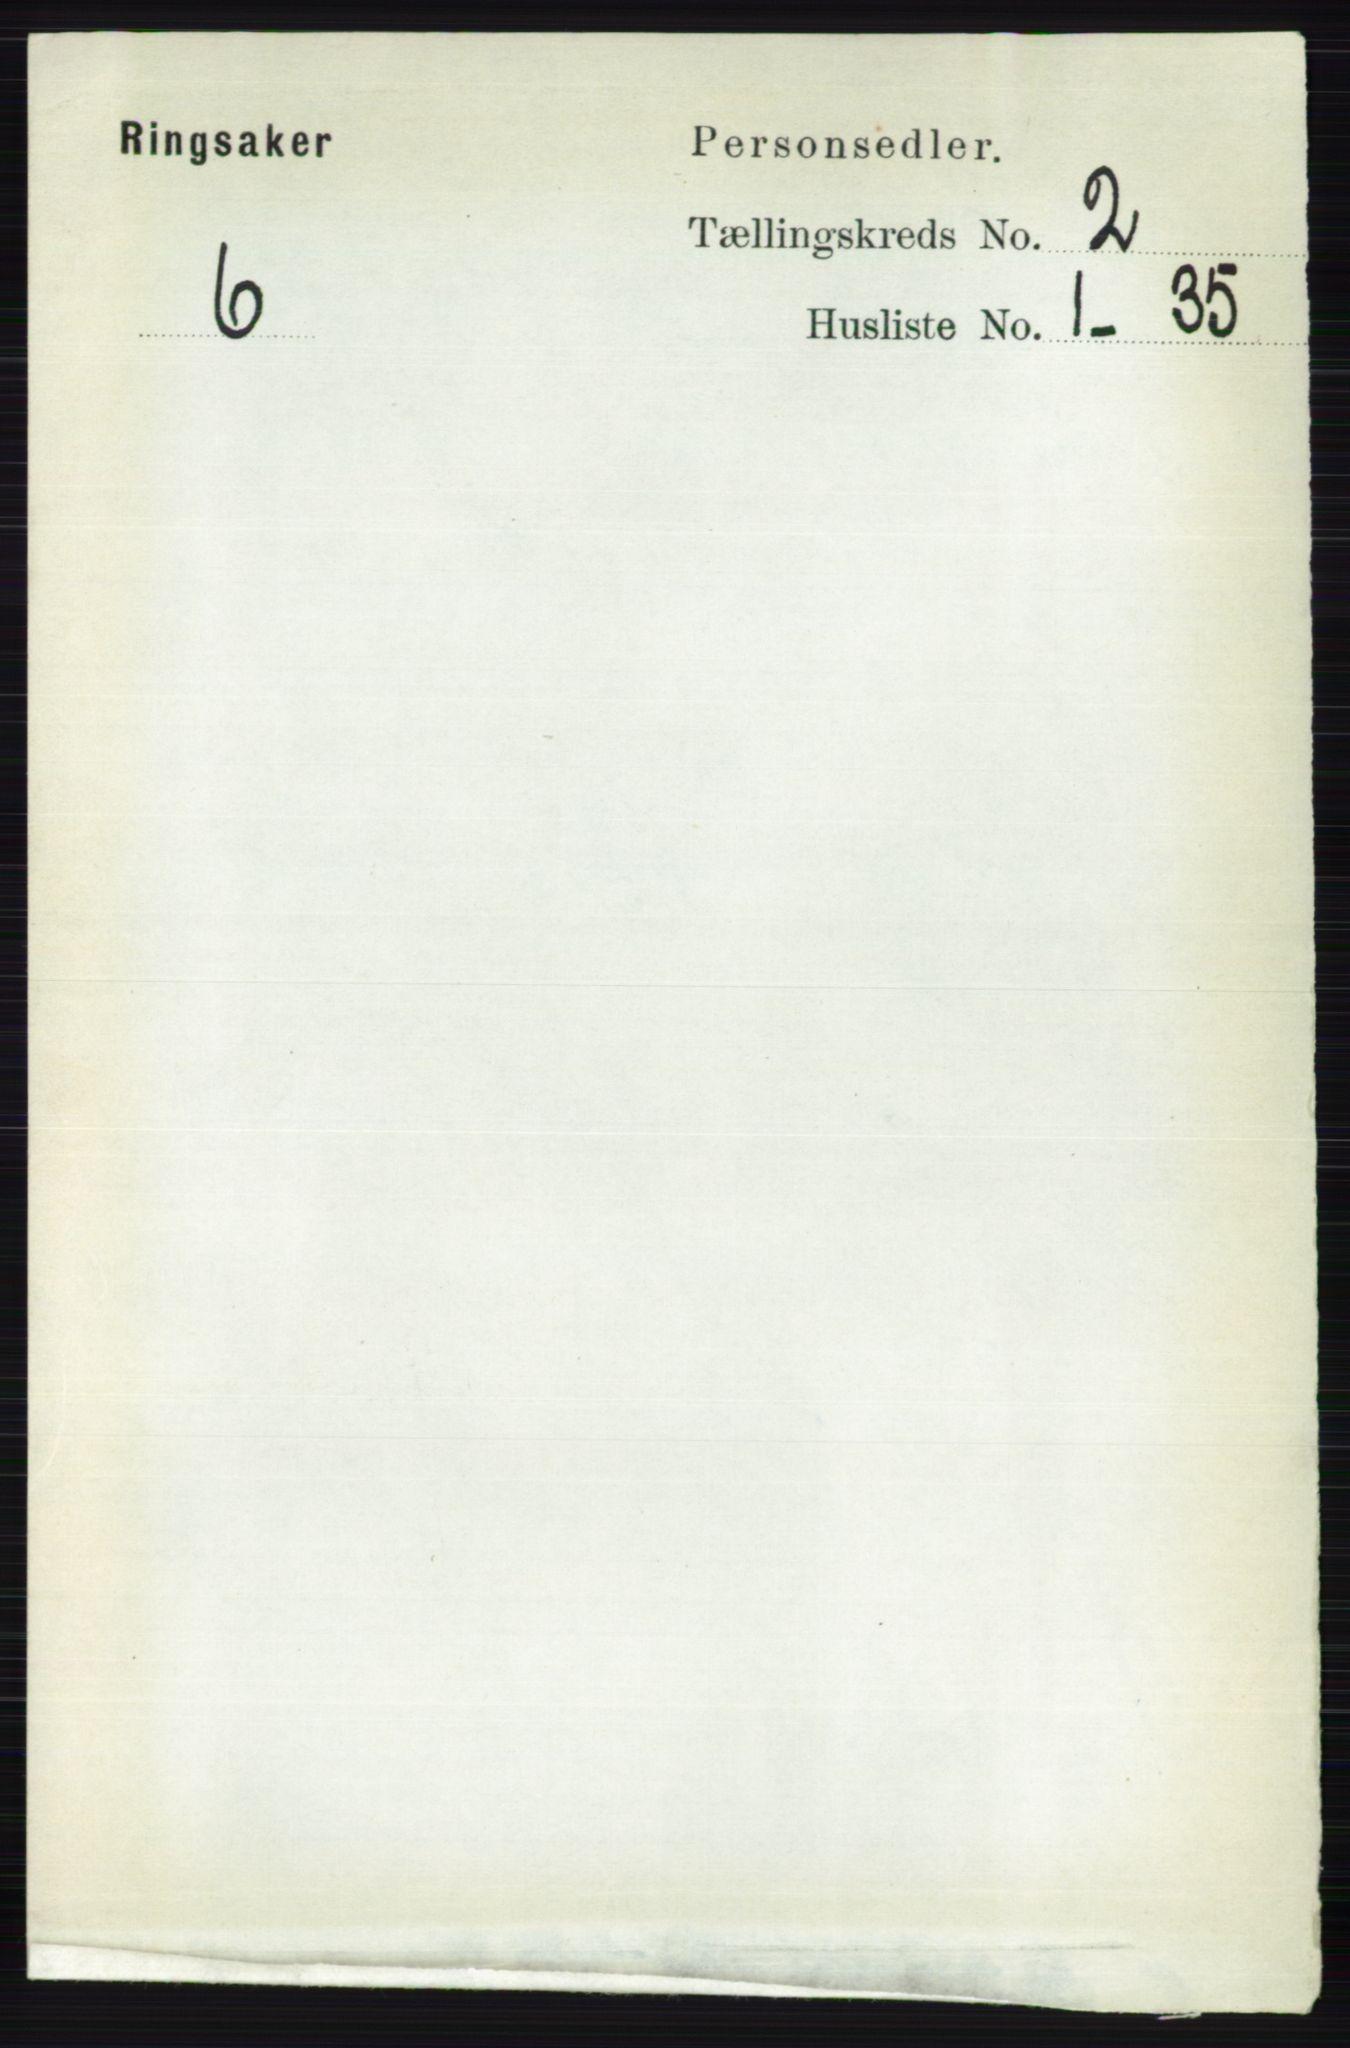 RA, Folketelling 1891 for 0412 Ringsaker herred, 1891, s. 818